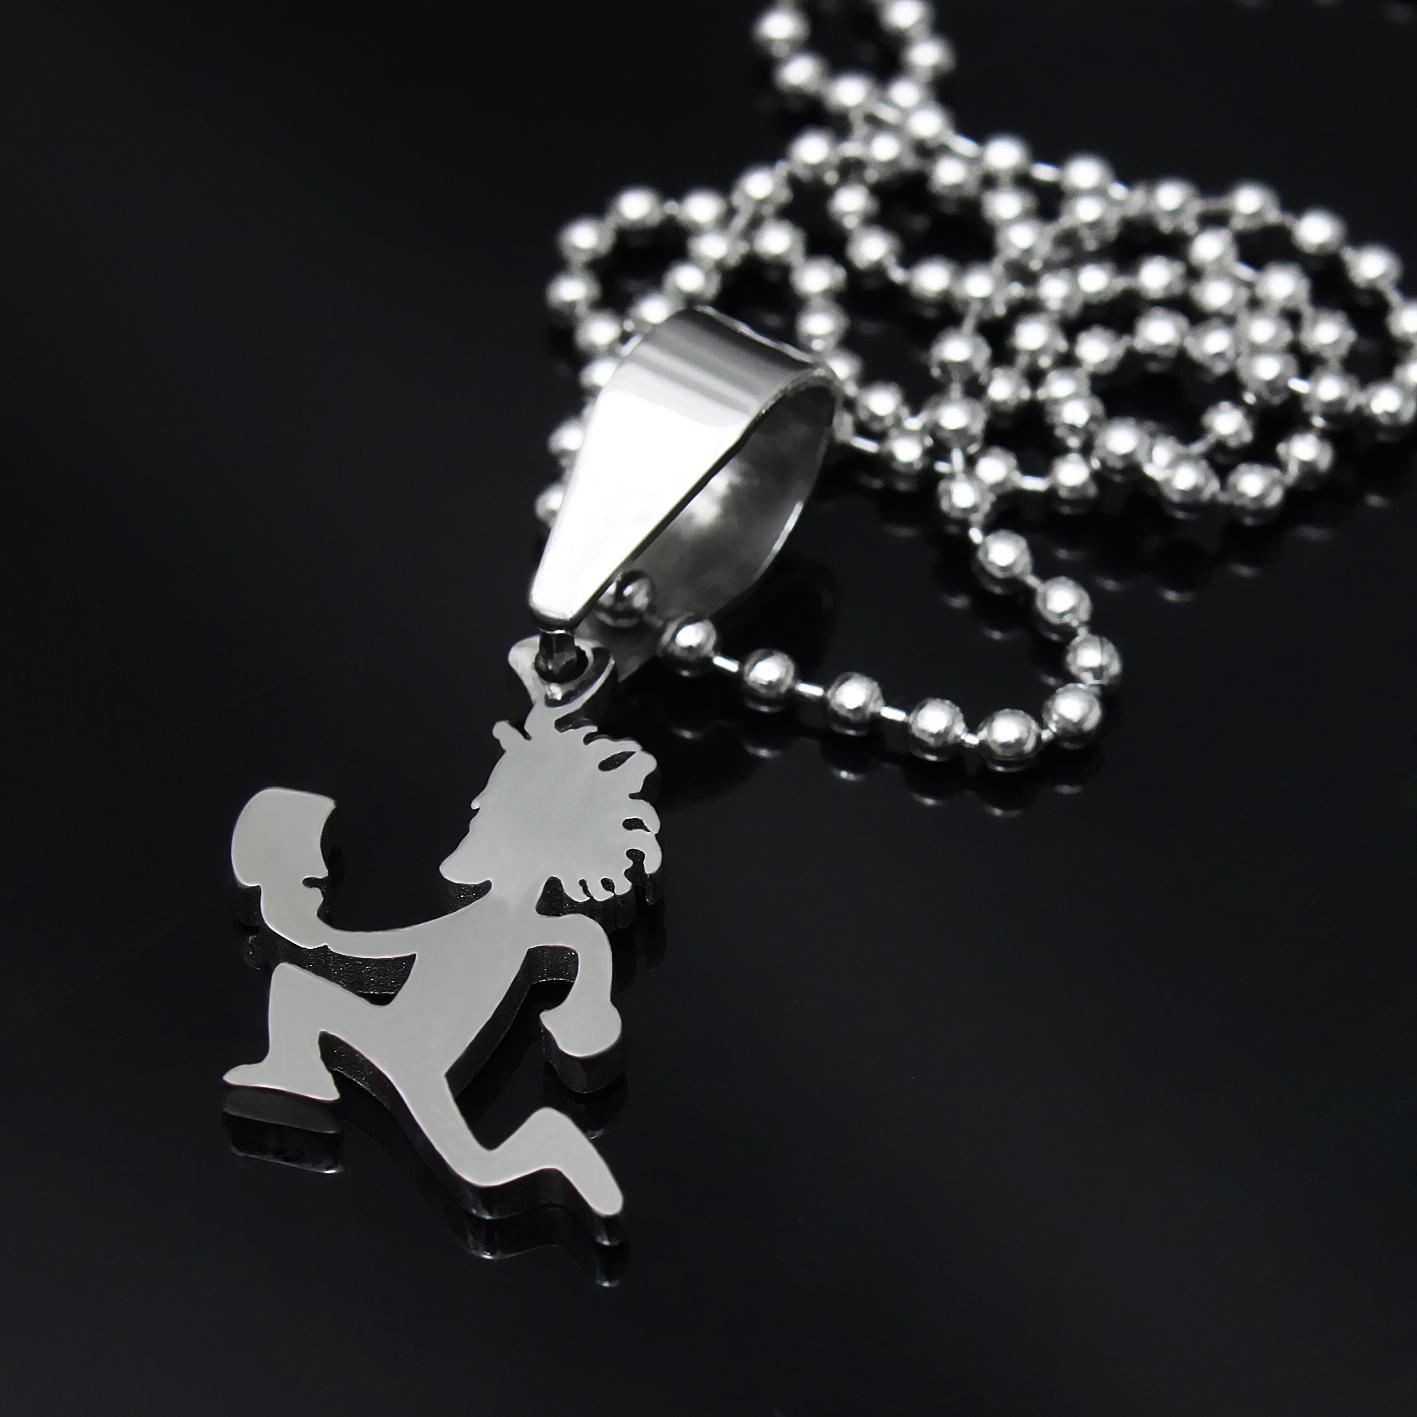 Consegna gratuita! Piccole 1 '' di grado di gioielli in acciaio inossidabile 316L MINI fascino hatchetman pendente libera gioielli catena Pazzo pagliaccio Posse Twiztid